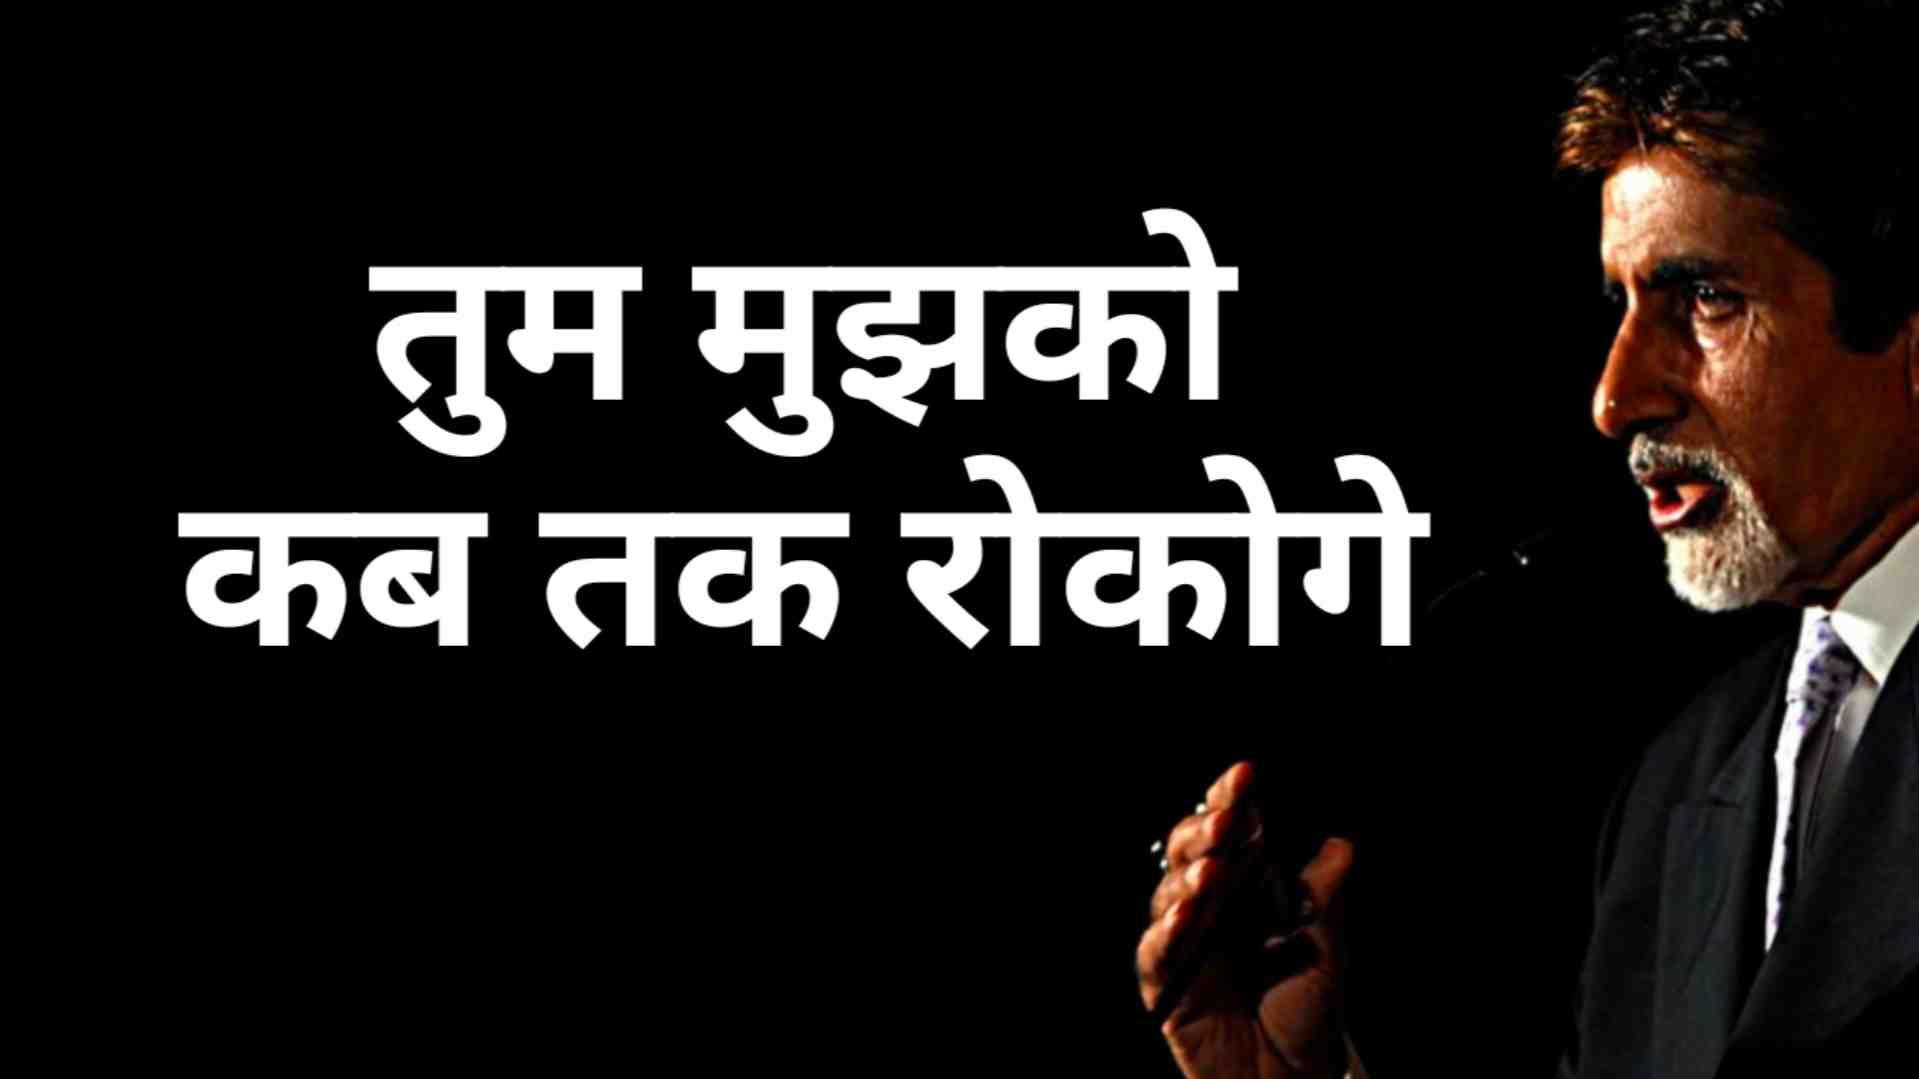 Read more about the article तुम मुझको कब तक रोकोगे-दिलों में आग लगा देने वाली अमिताभ बच्चन की कविता